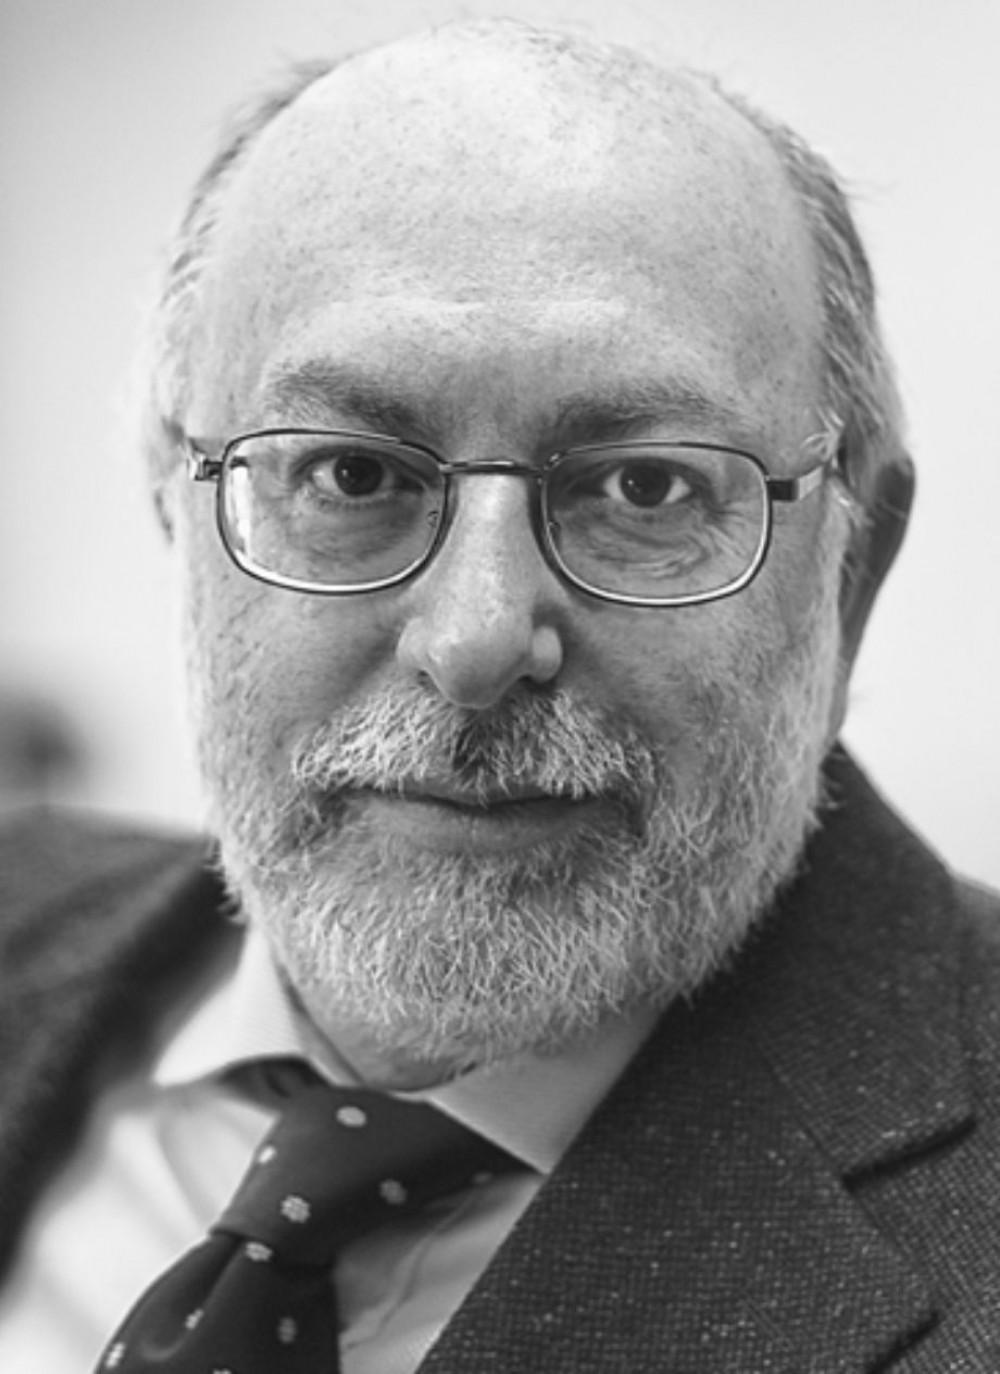 Paolo Fizzarotti